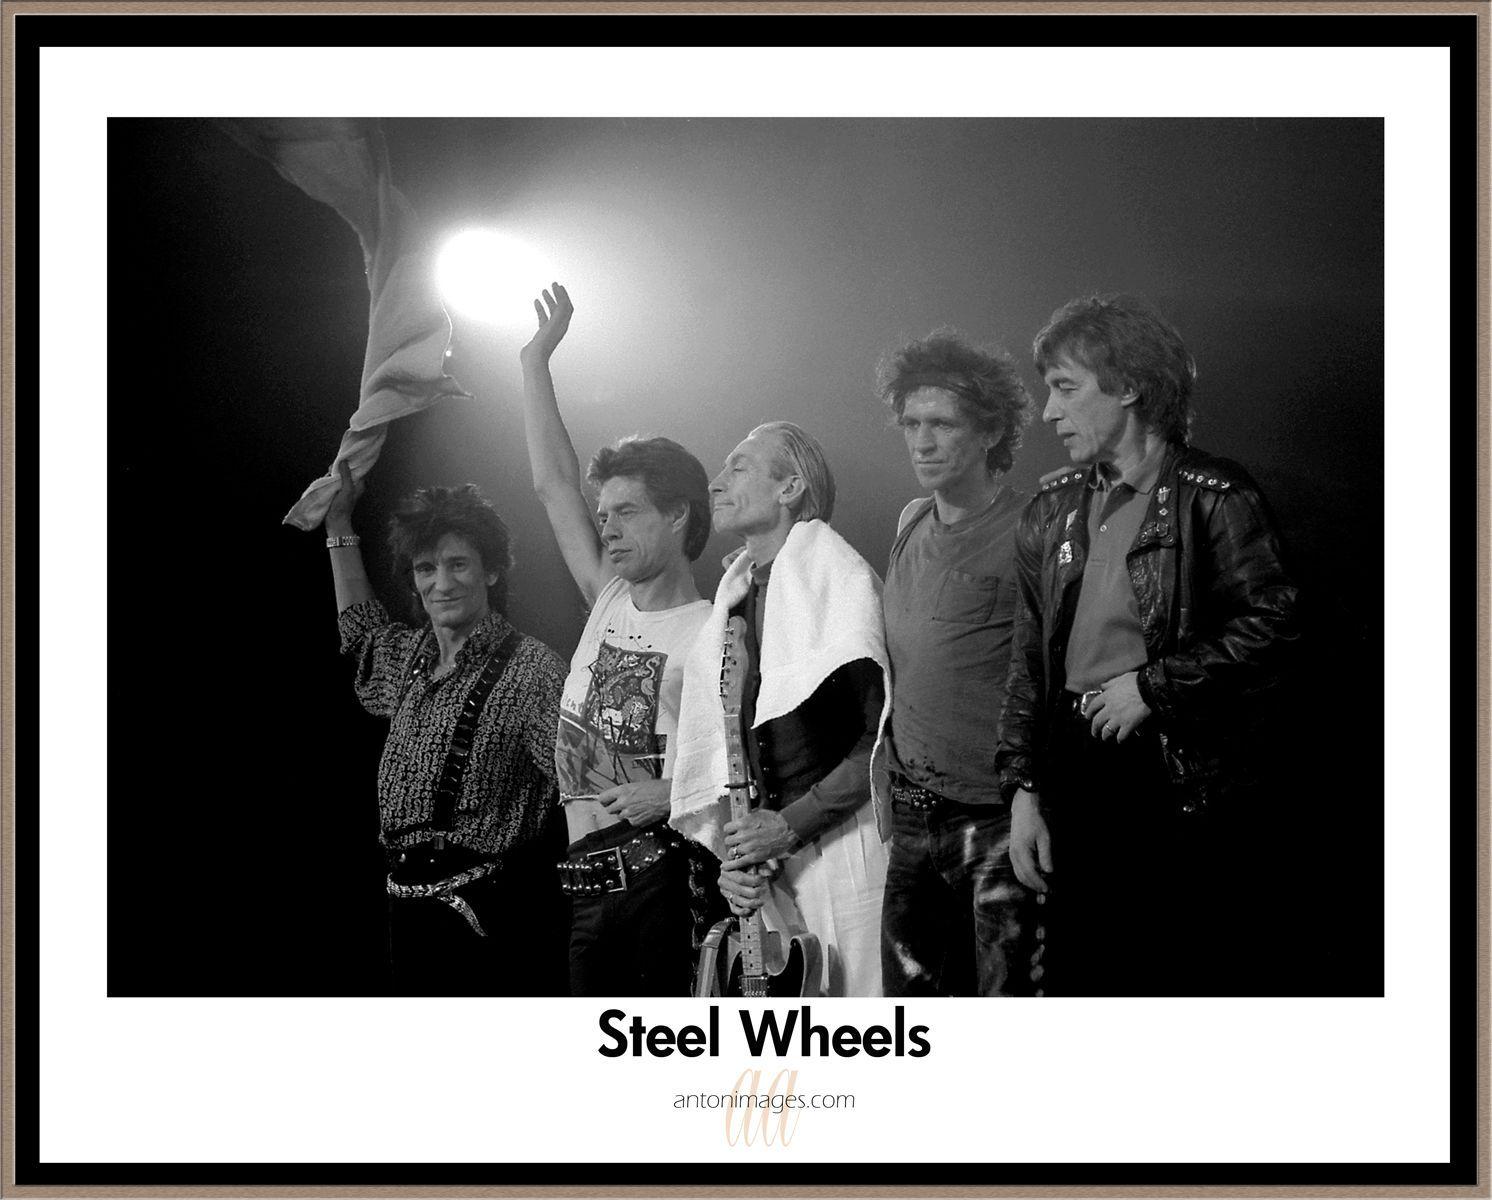 1steel_wheels__.jpg